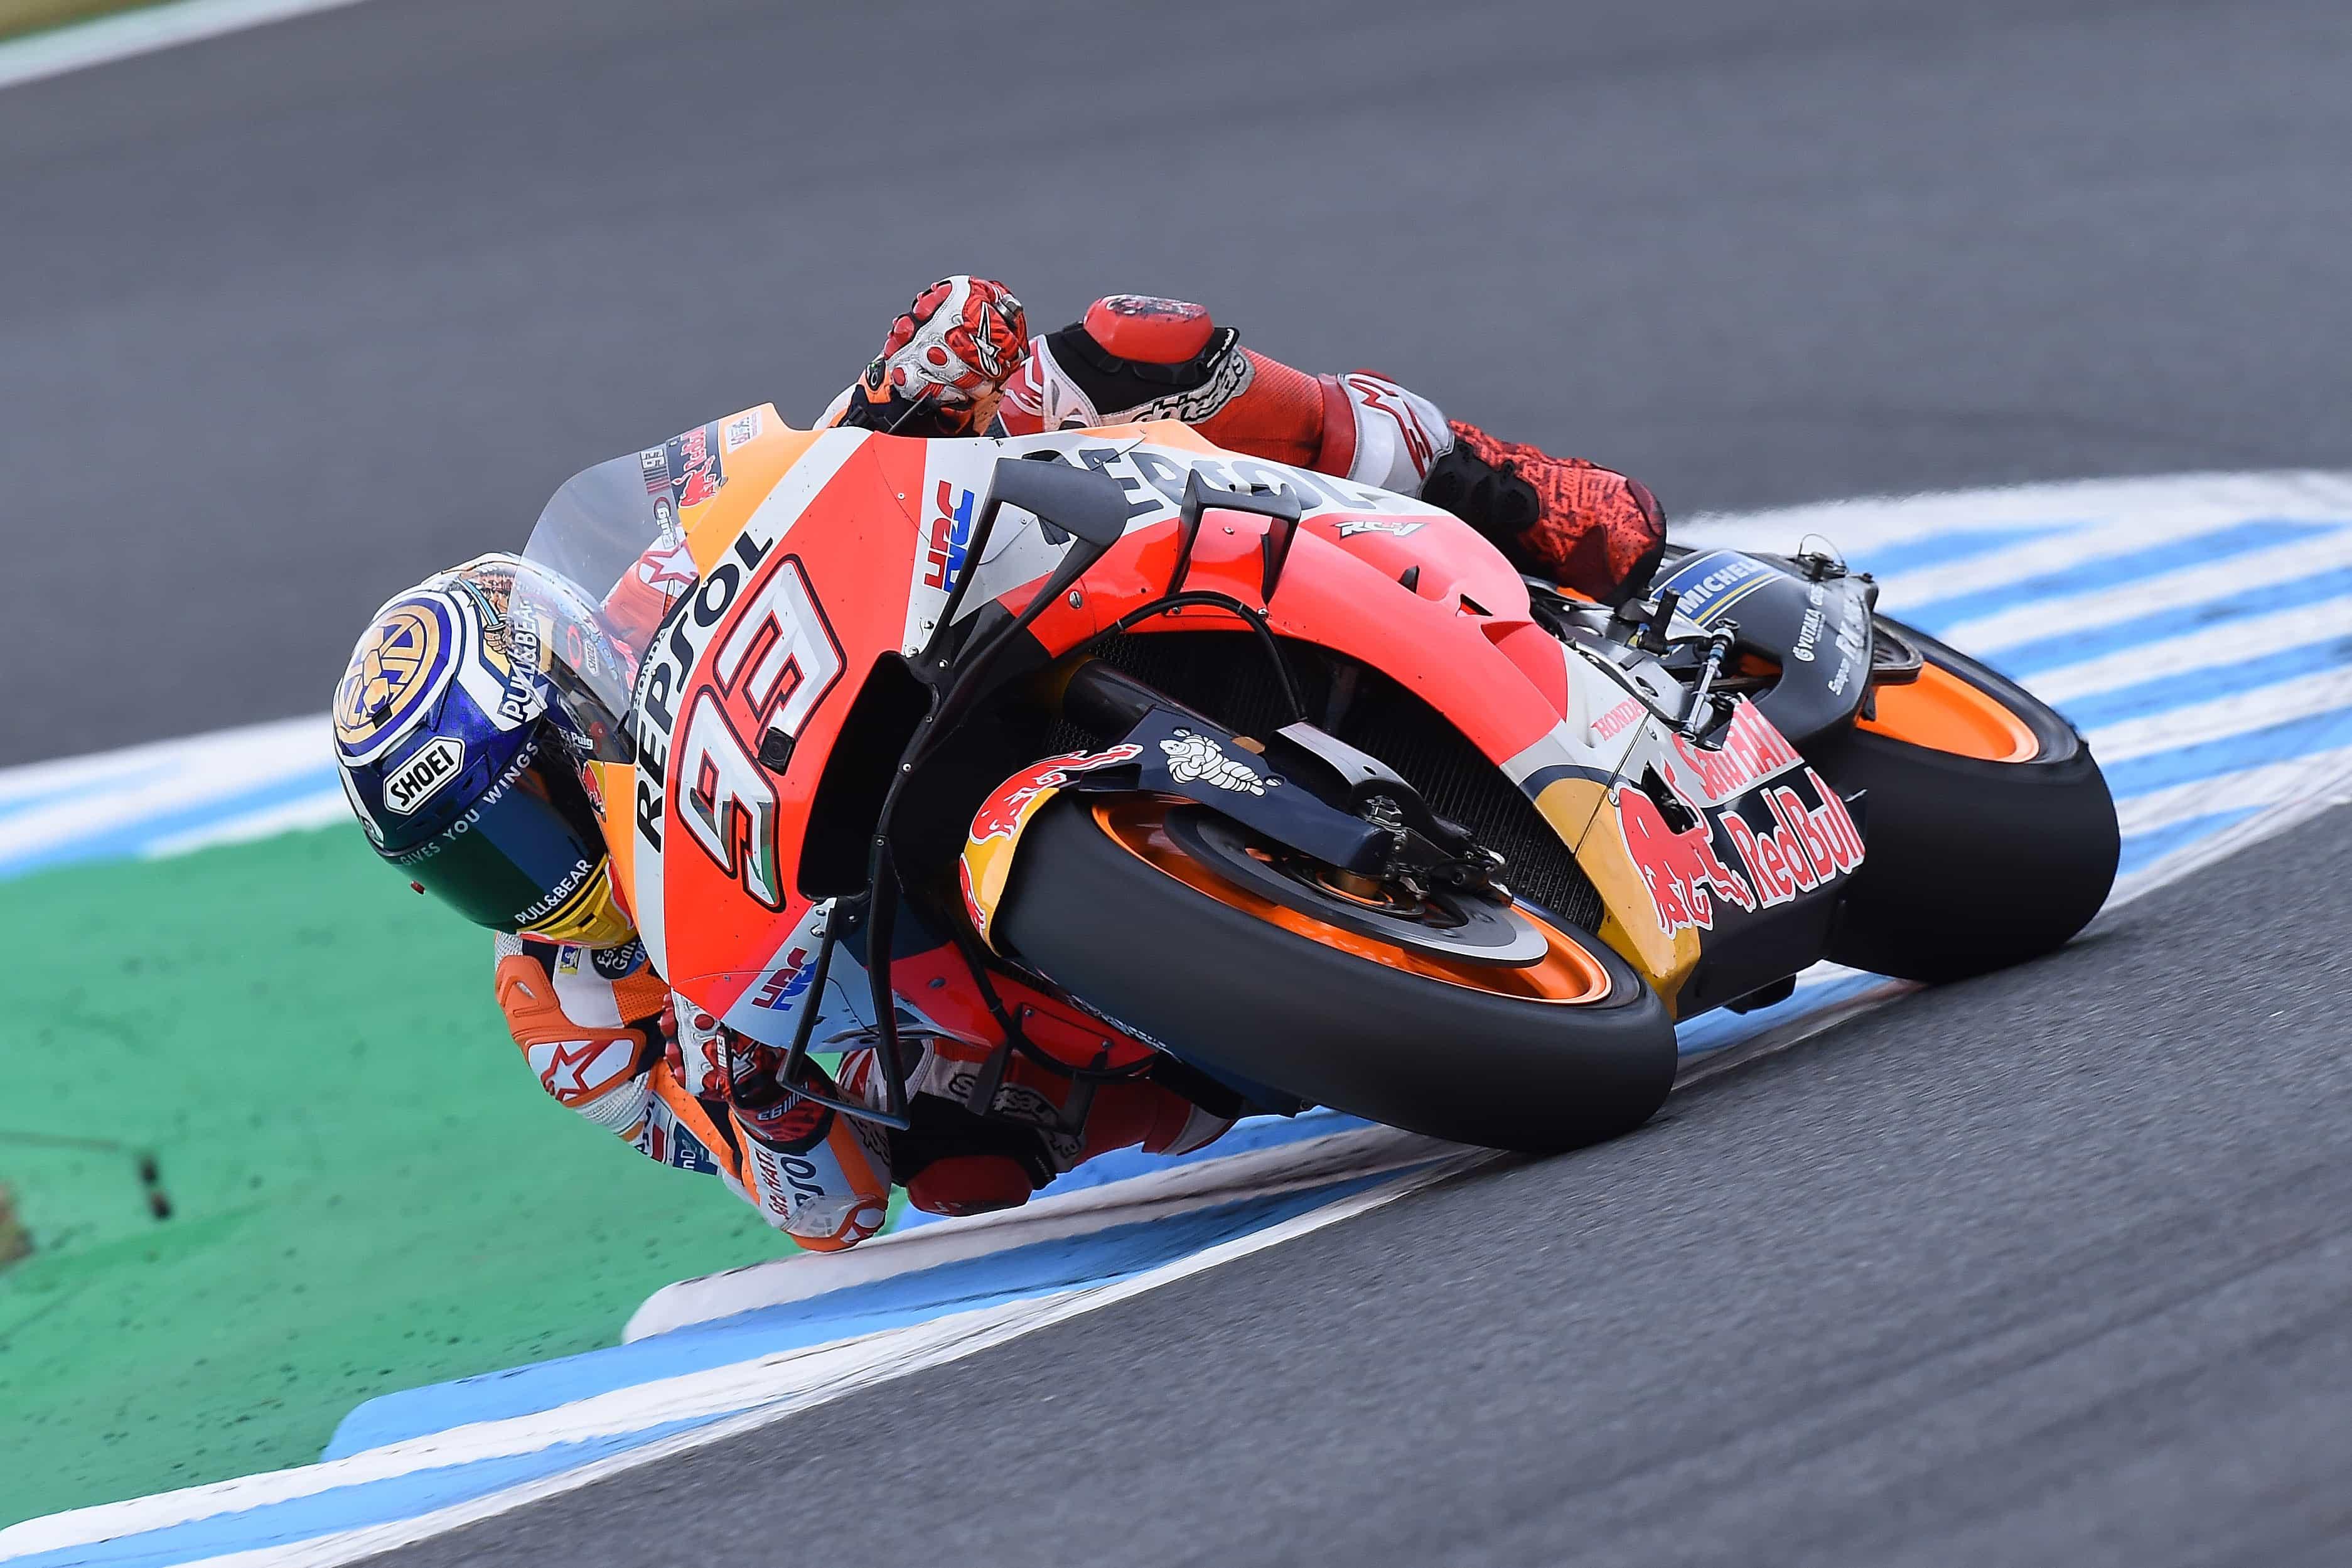 MotoGP2019オーストラリアGP FP2 6位マルケス「予想していたより良い走行が出来ている」